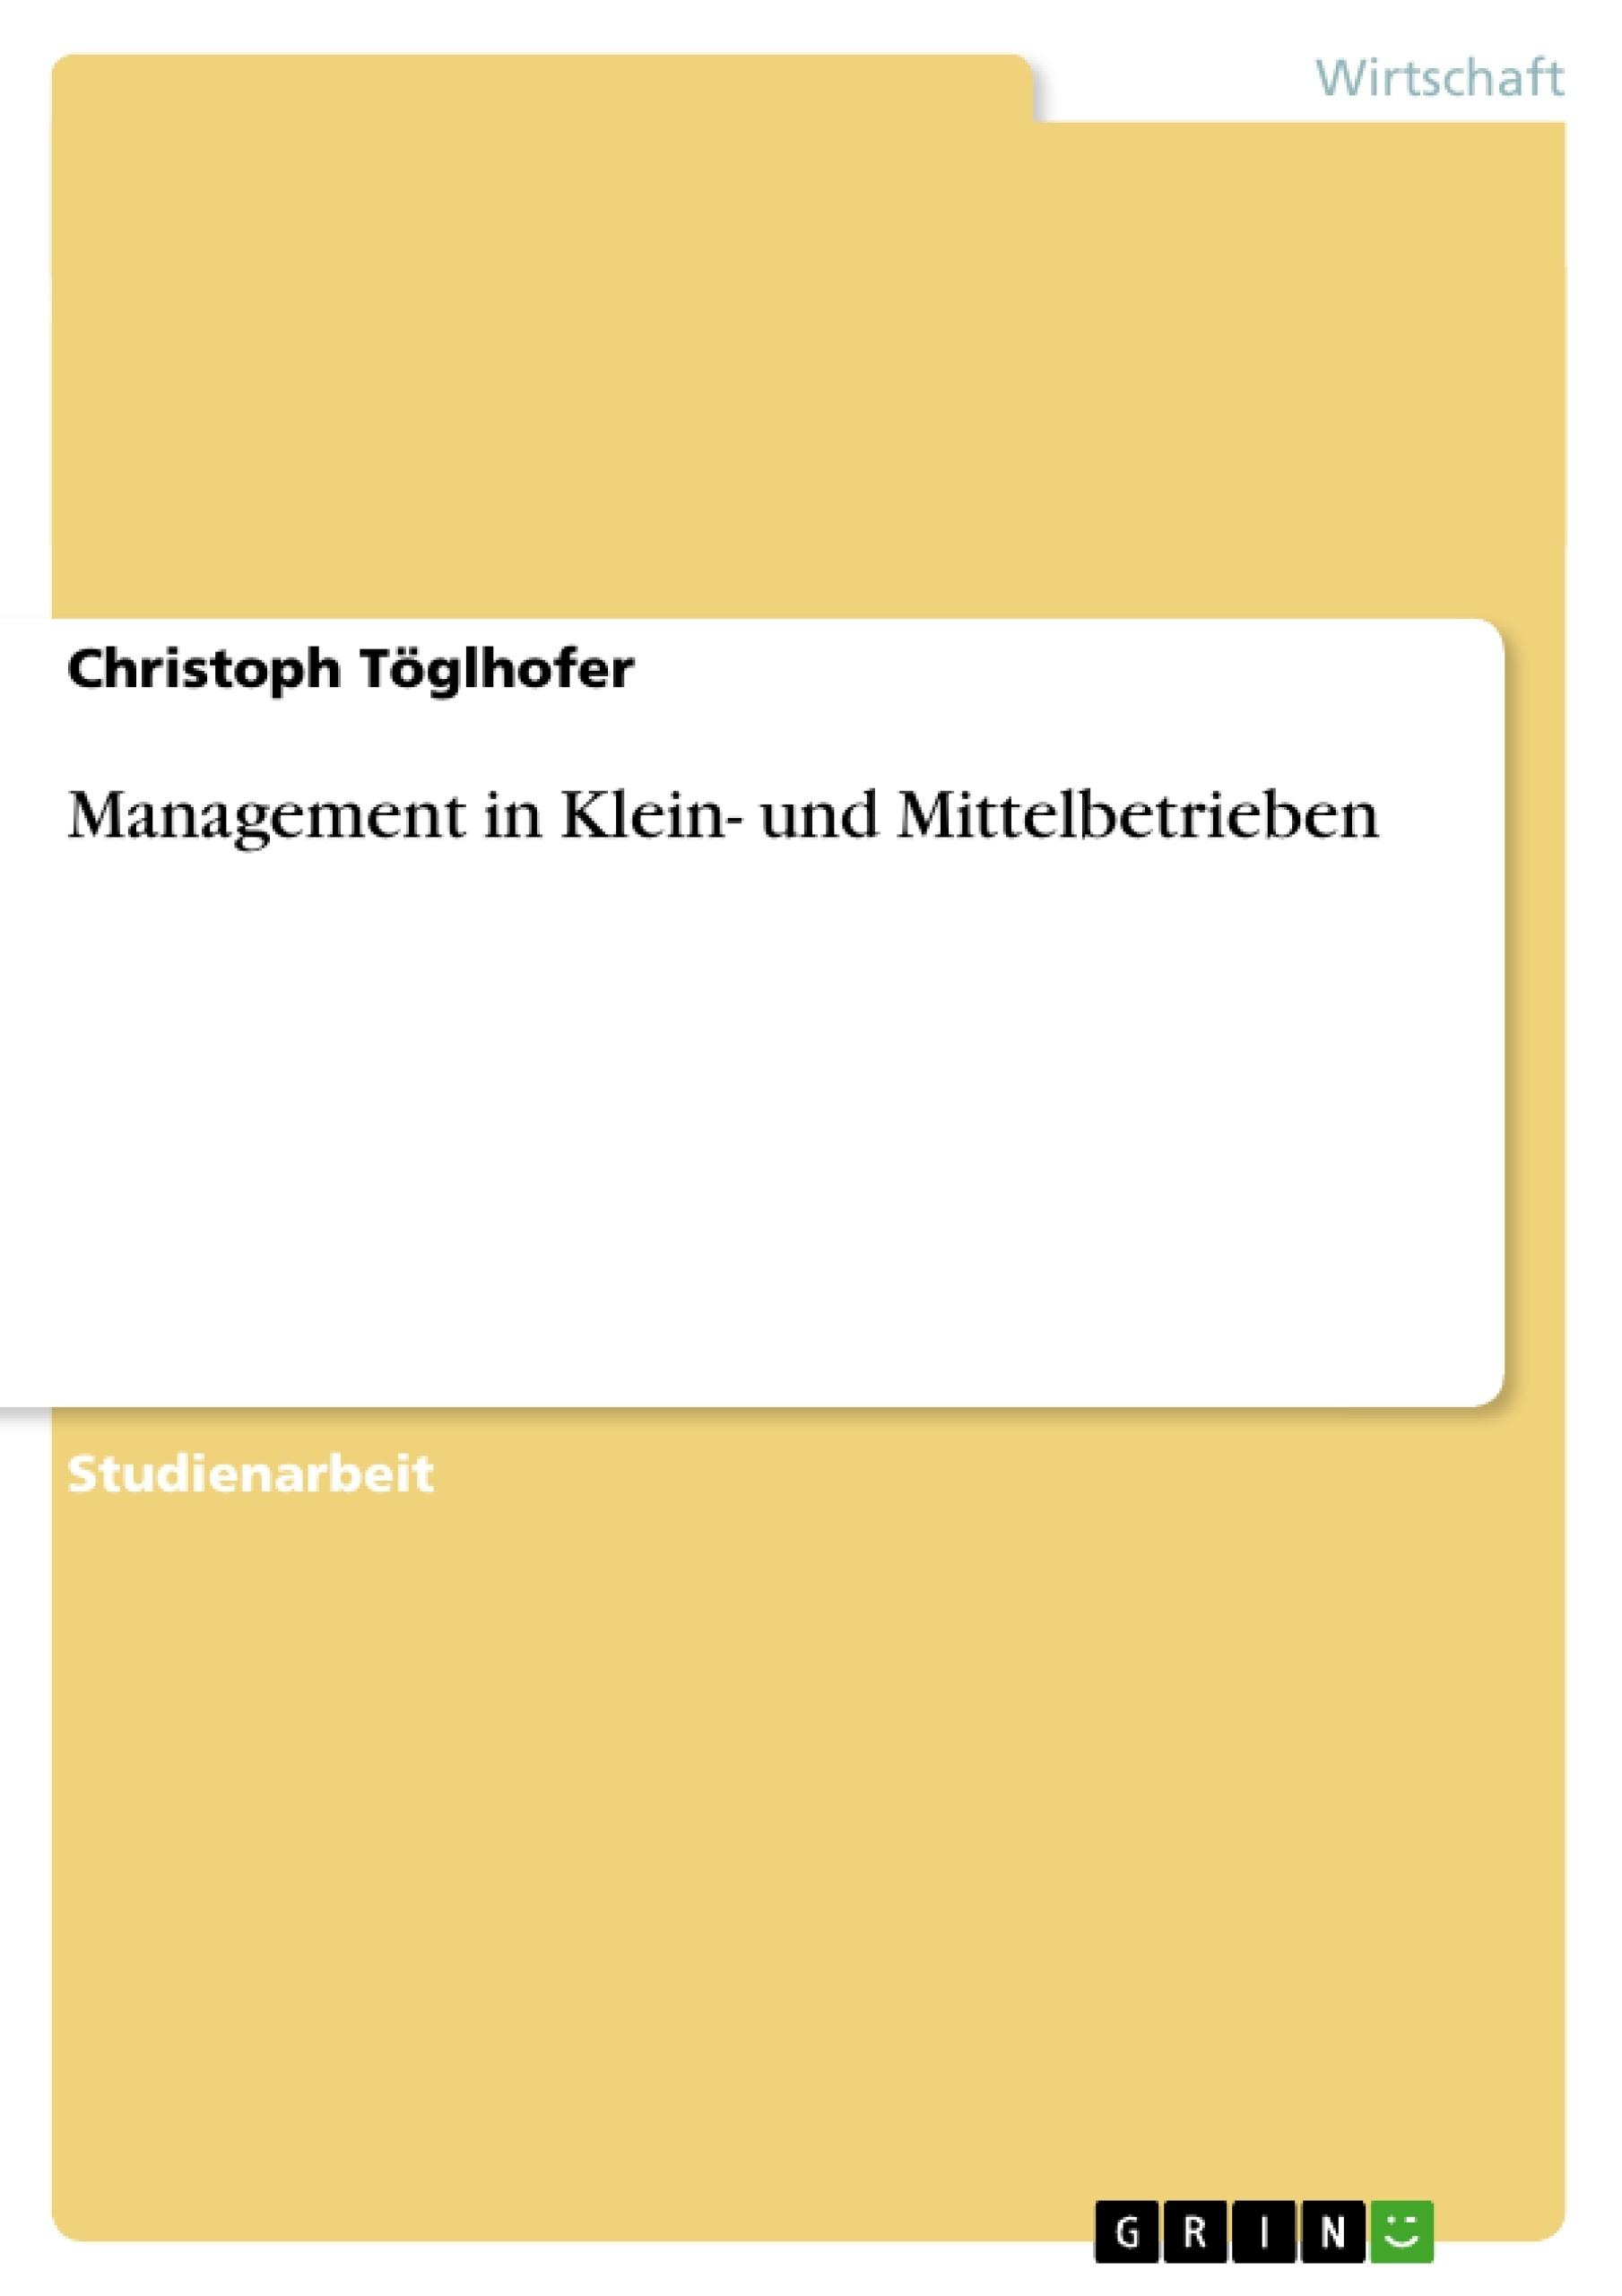 Titel: Management in Klein- und Mittelbetrieben